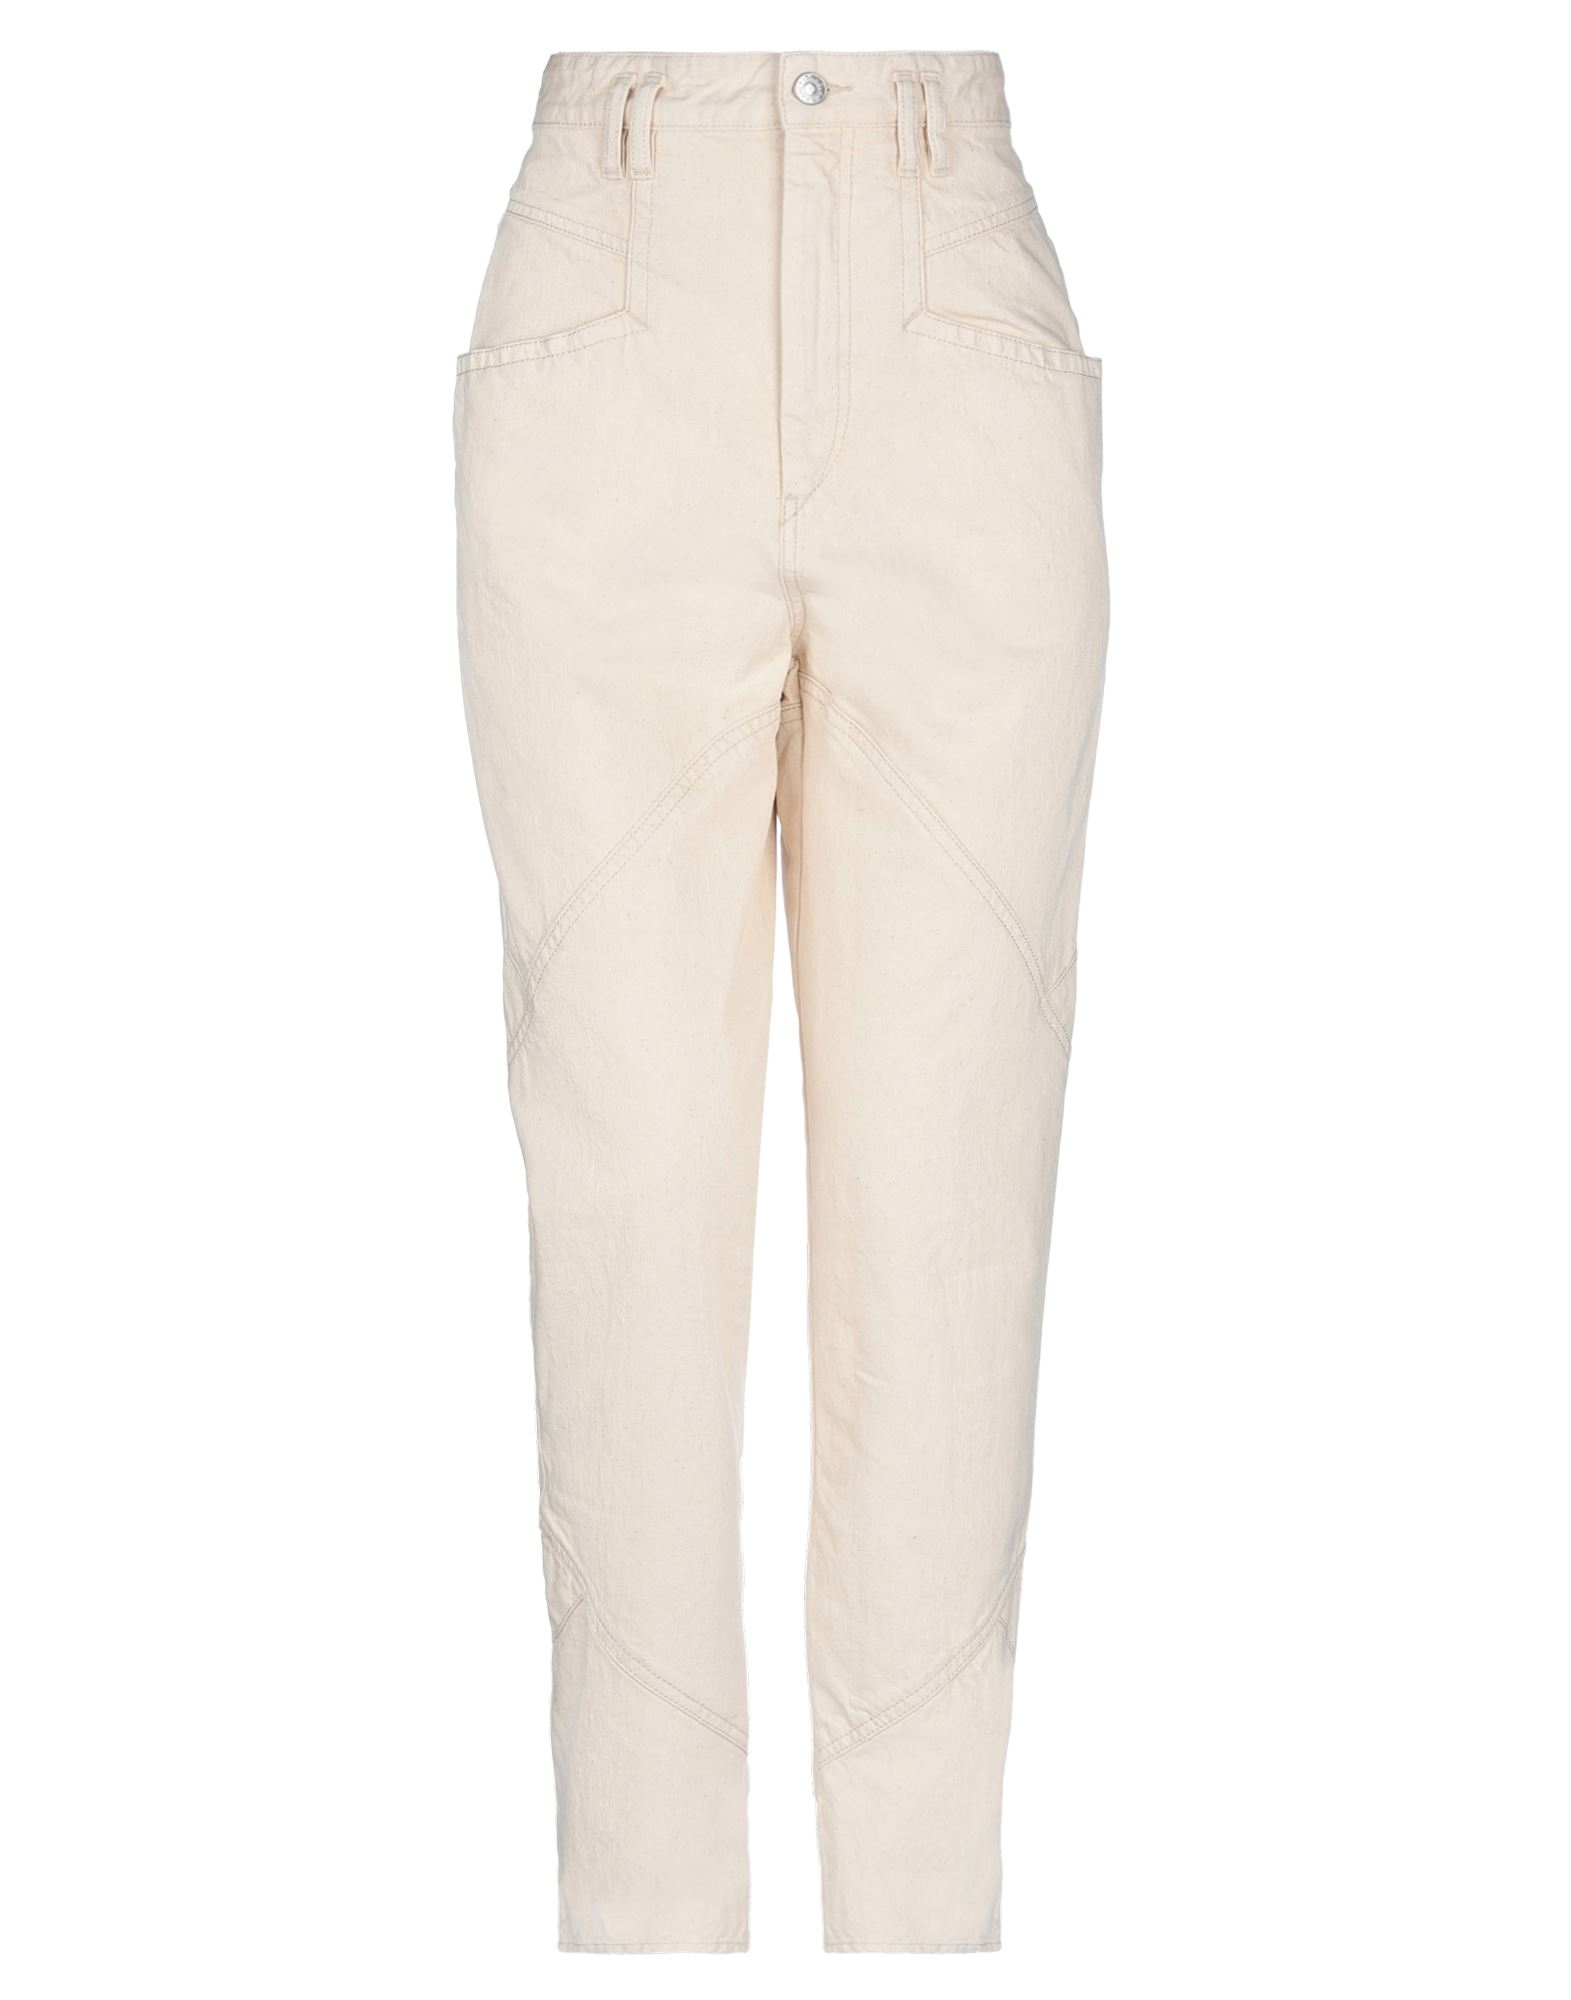 ISABEL MARANT Джинсовые брюки isabel marant джинсовые бермуды